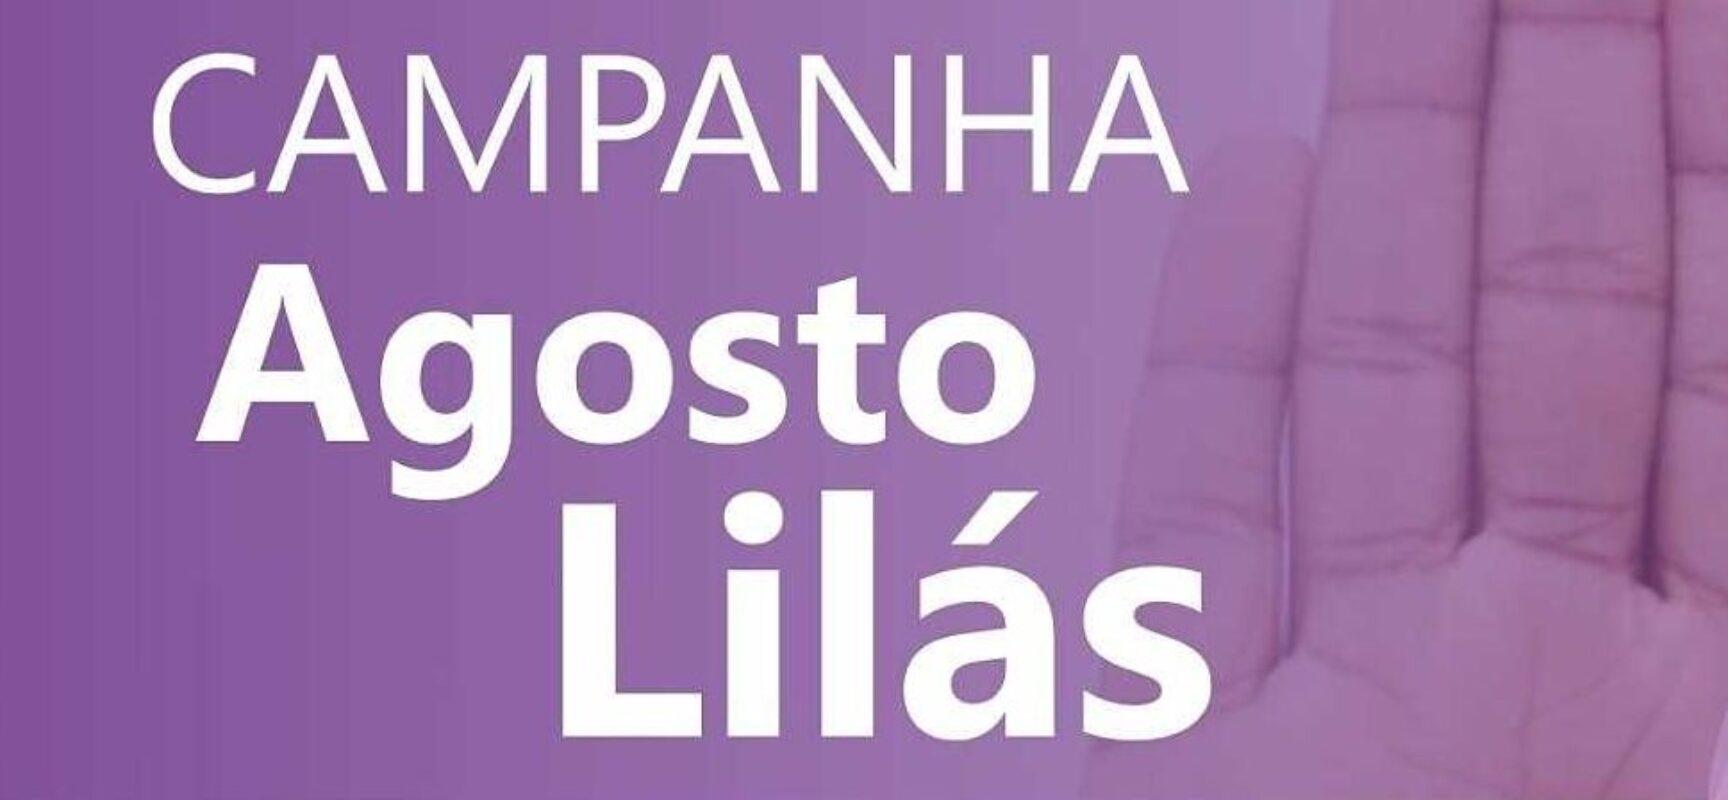 AGOSTO LILÁS: Prefeitura de Ilhéus promove campanha de combate à violência contra a mulher